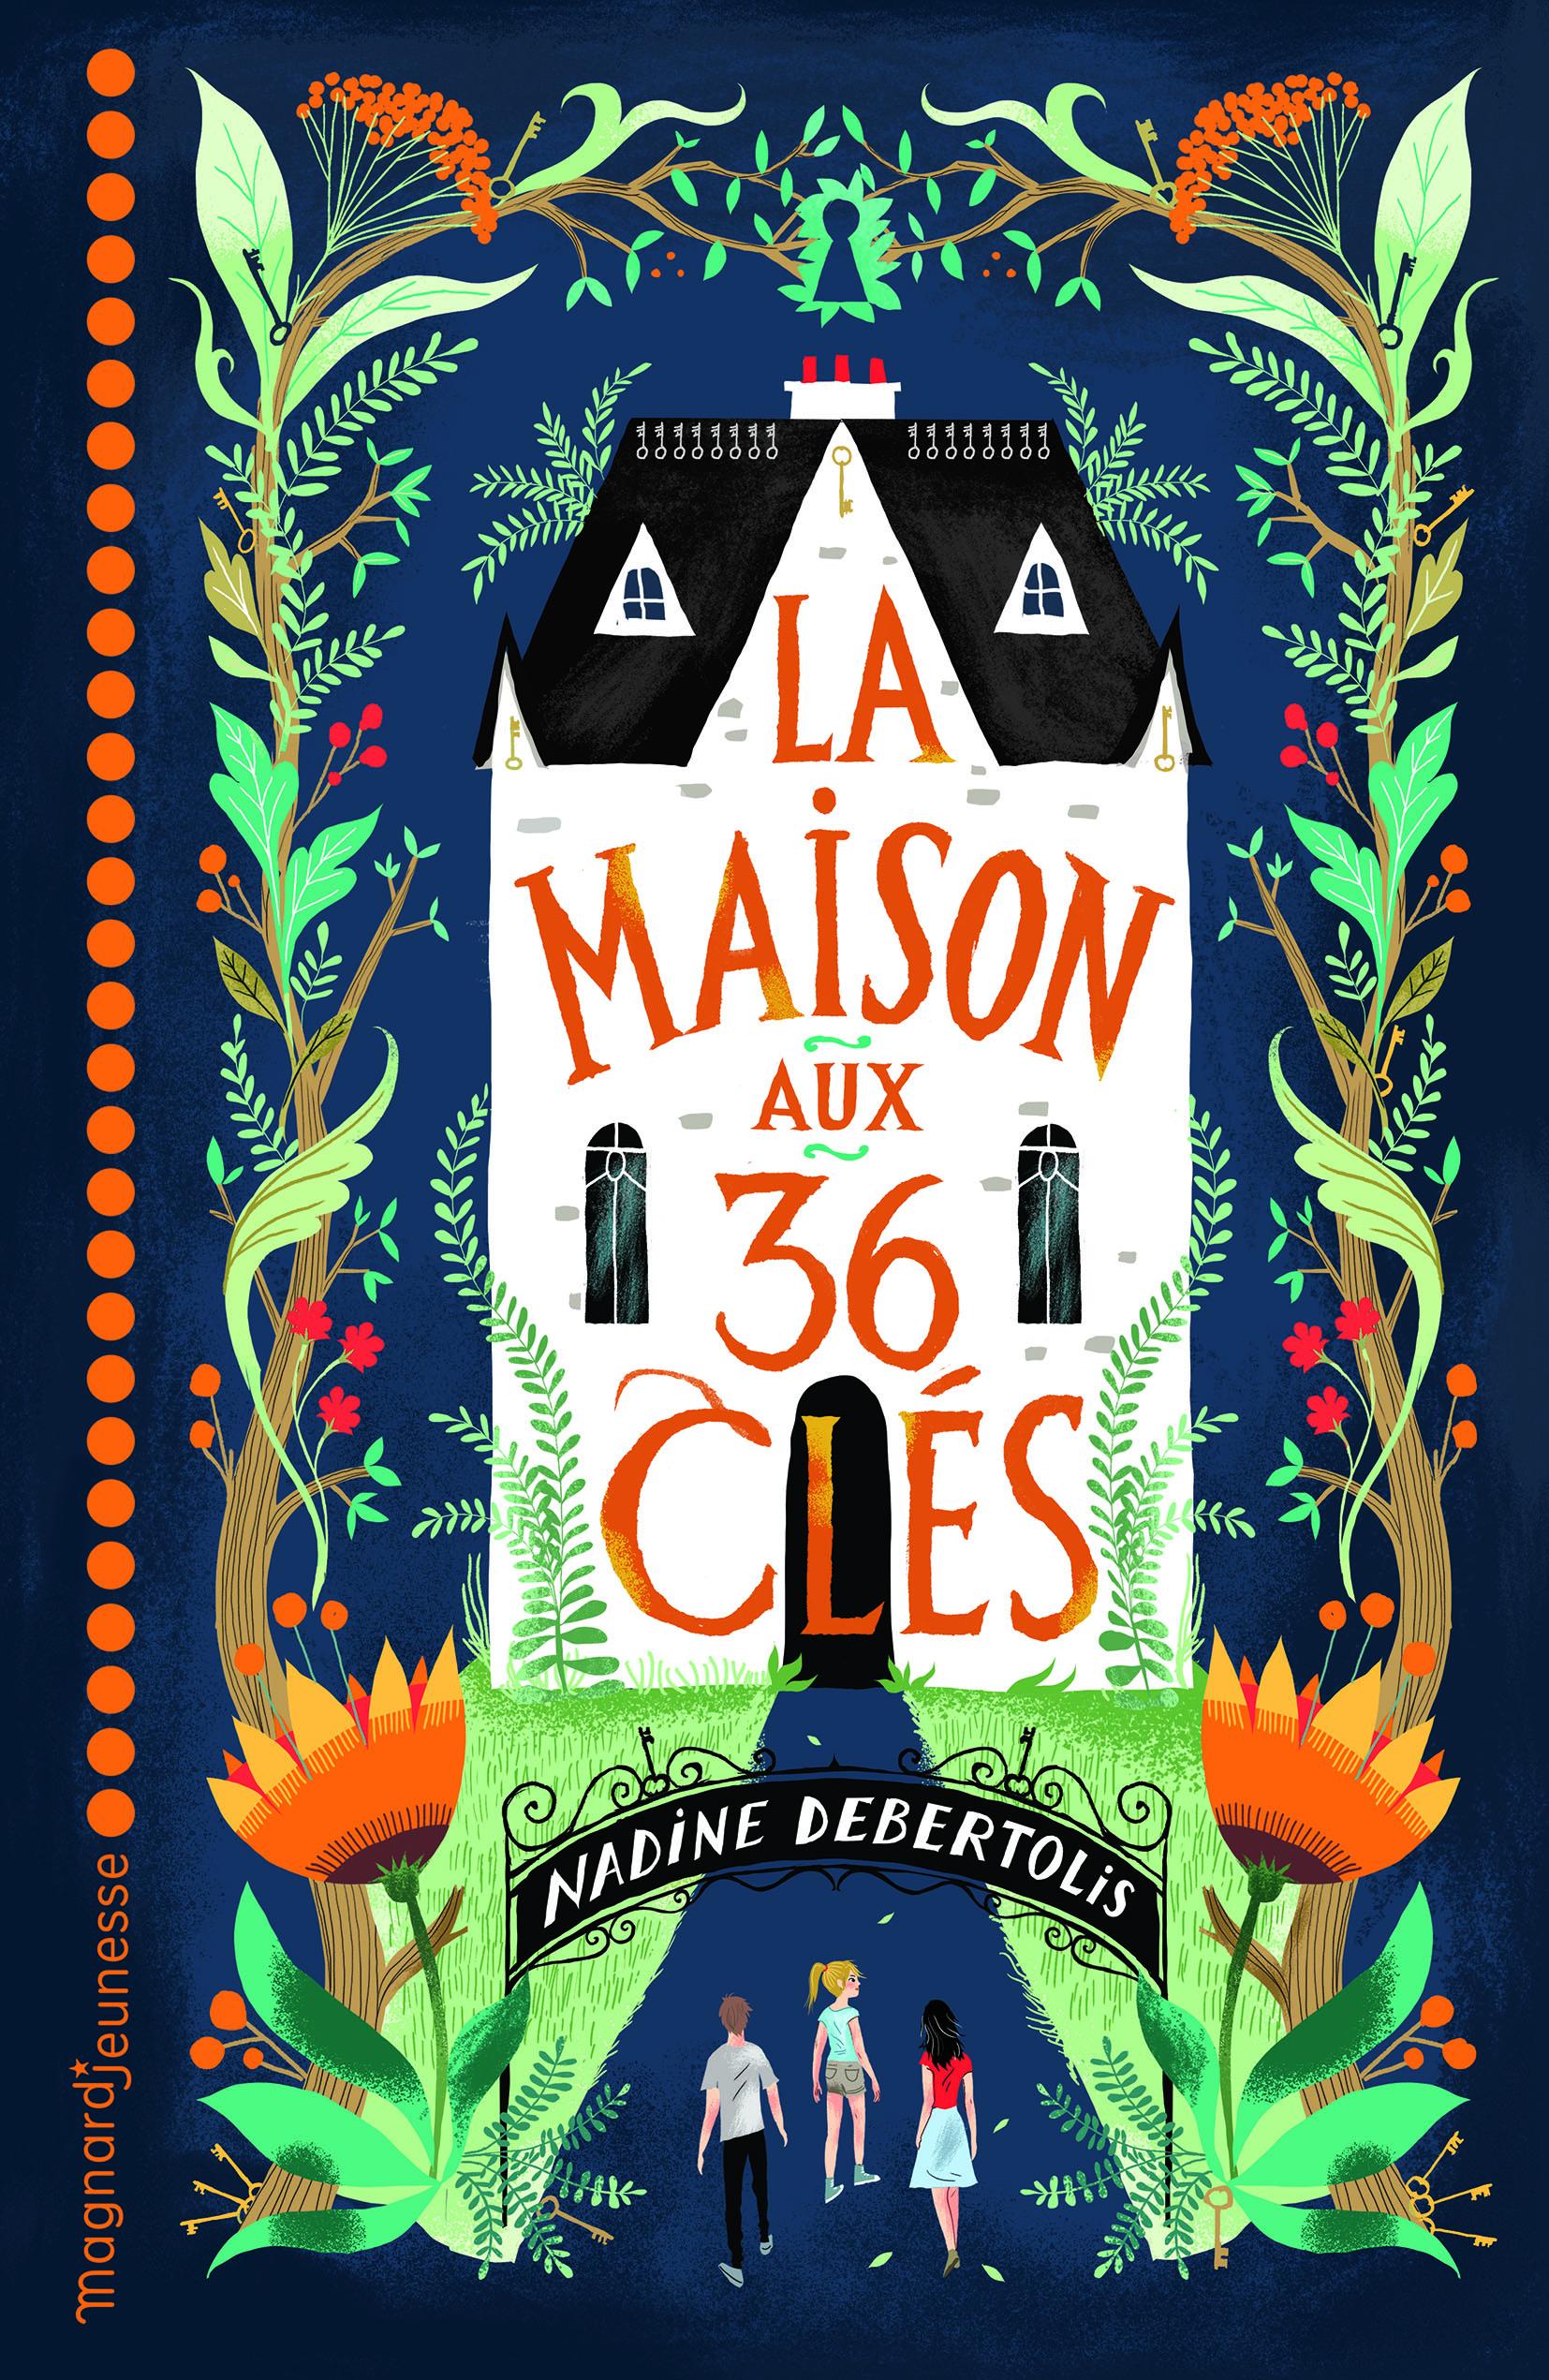 LaMaison36Cles